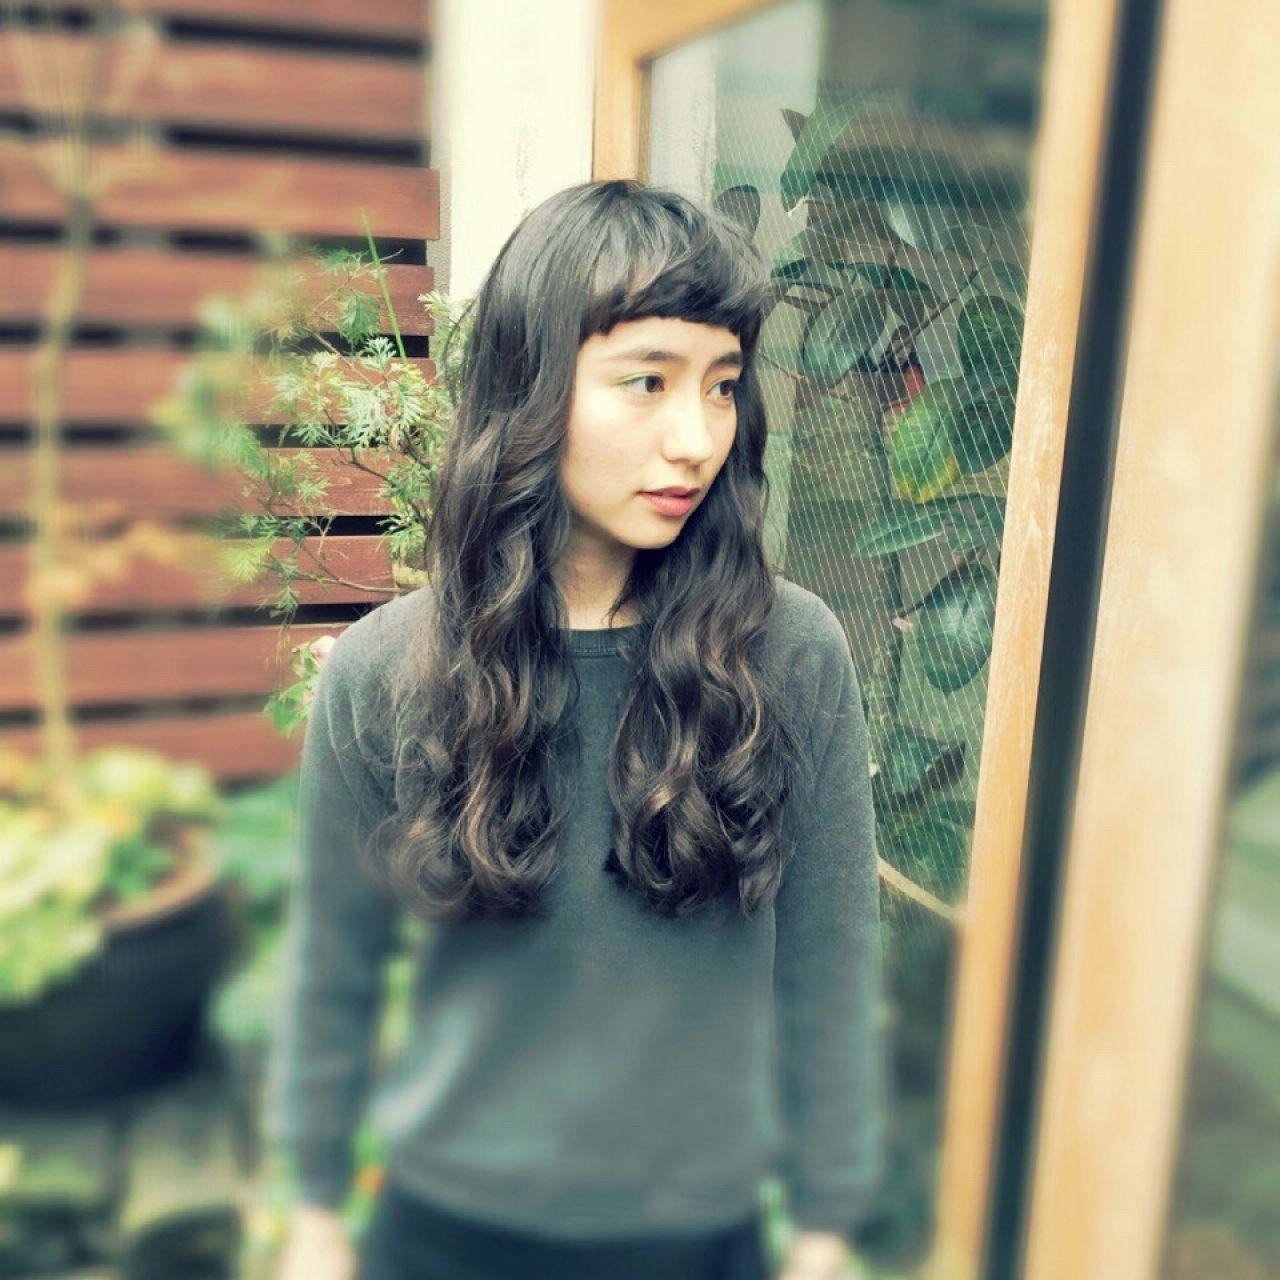 黒髪ロング×パーマの髪型まとめ♡面長・丸顔に似合うヘアスタイルって? みさき